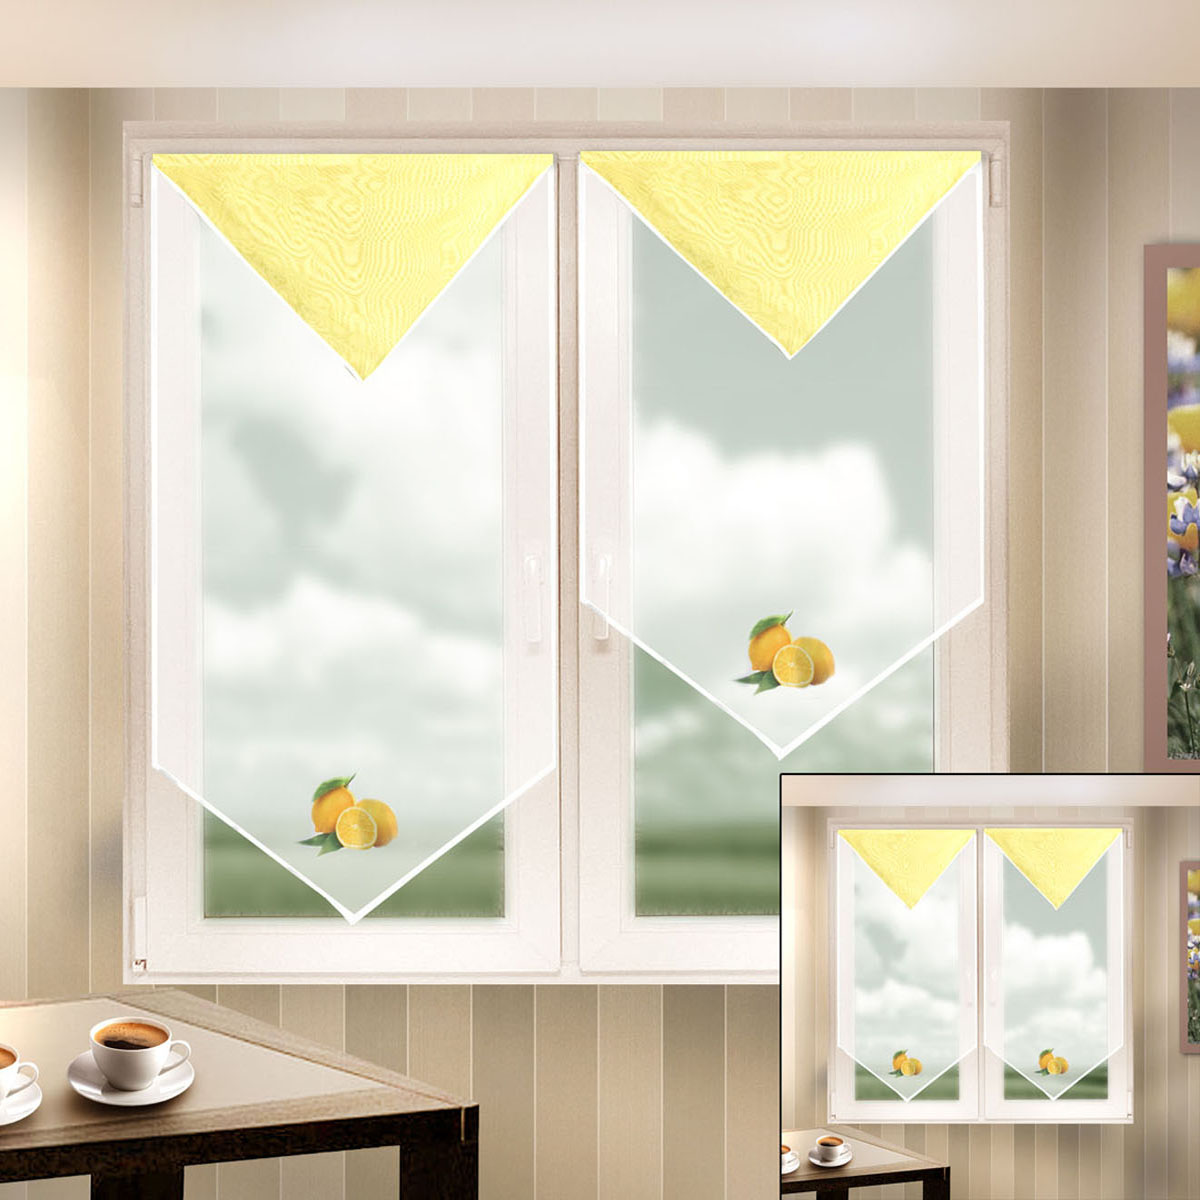 Гардина Zlata Korunka, на липкой ленте, цвет: белый, желтый, высота 120 см. 666047-1666047-1Гардина на липкой ленте Zlata Korunka, изготовленная из легкого полиэстера, станет великолепным украшением любого окна. Полотно из белой вуали с печатным рисунком привлечет к себе внимание и органично впишется в интерьер комнаты. Крепление на липкой ленте, не требующее сверления стен и карниза. Многоразовое и мгновенное крепление.